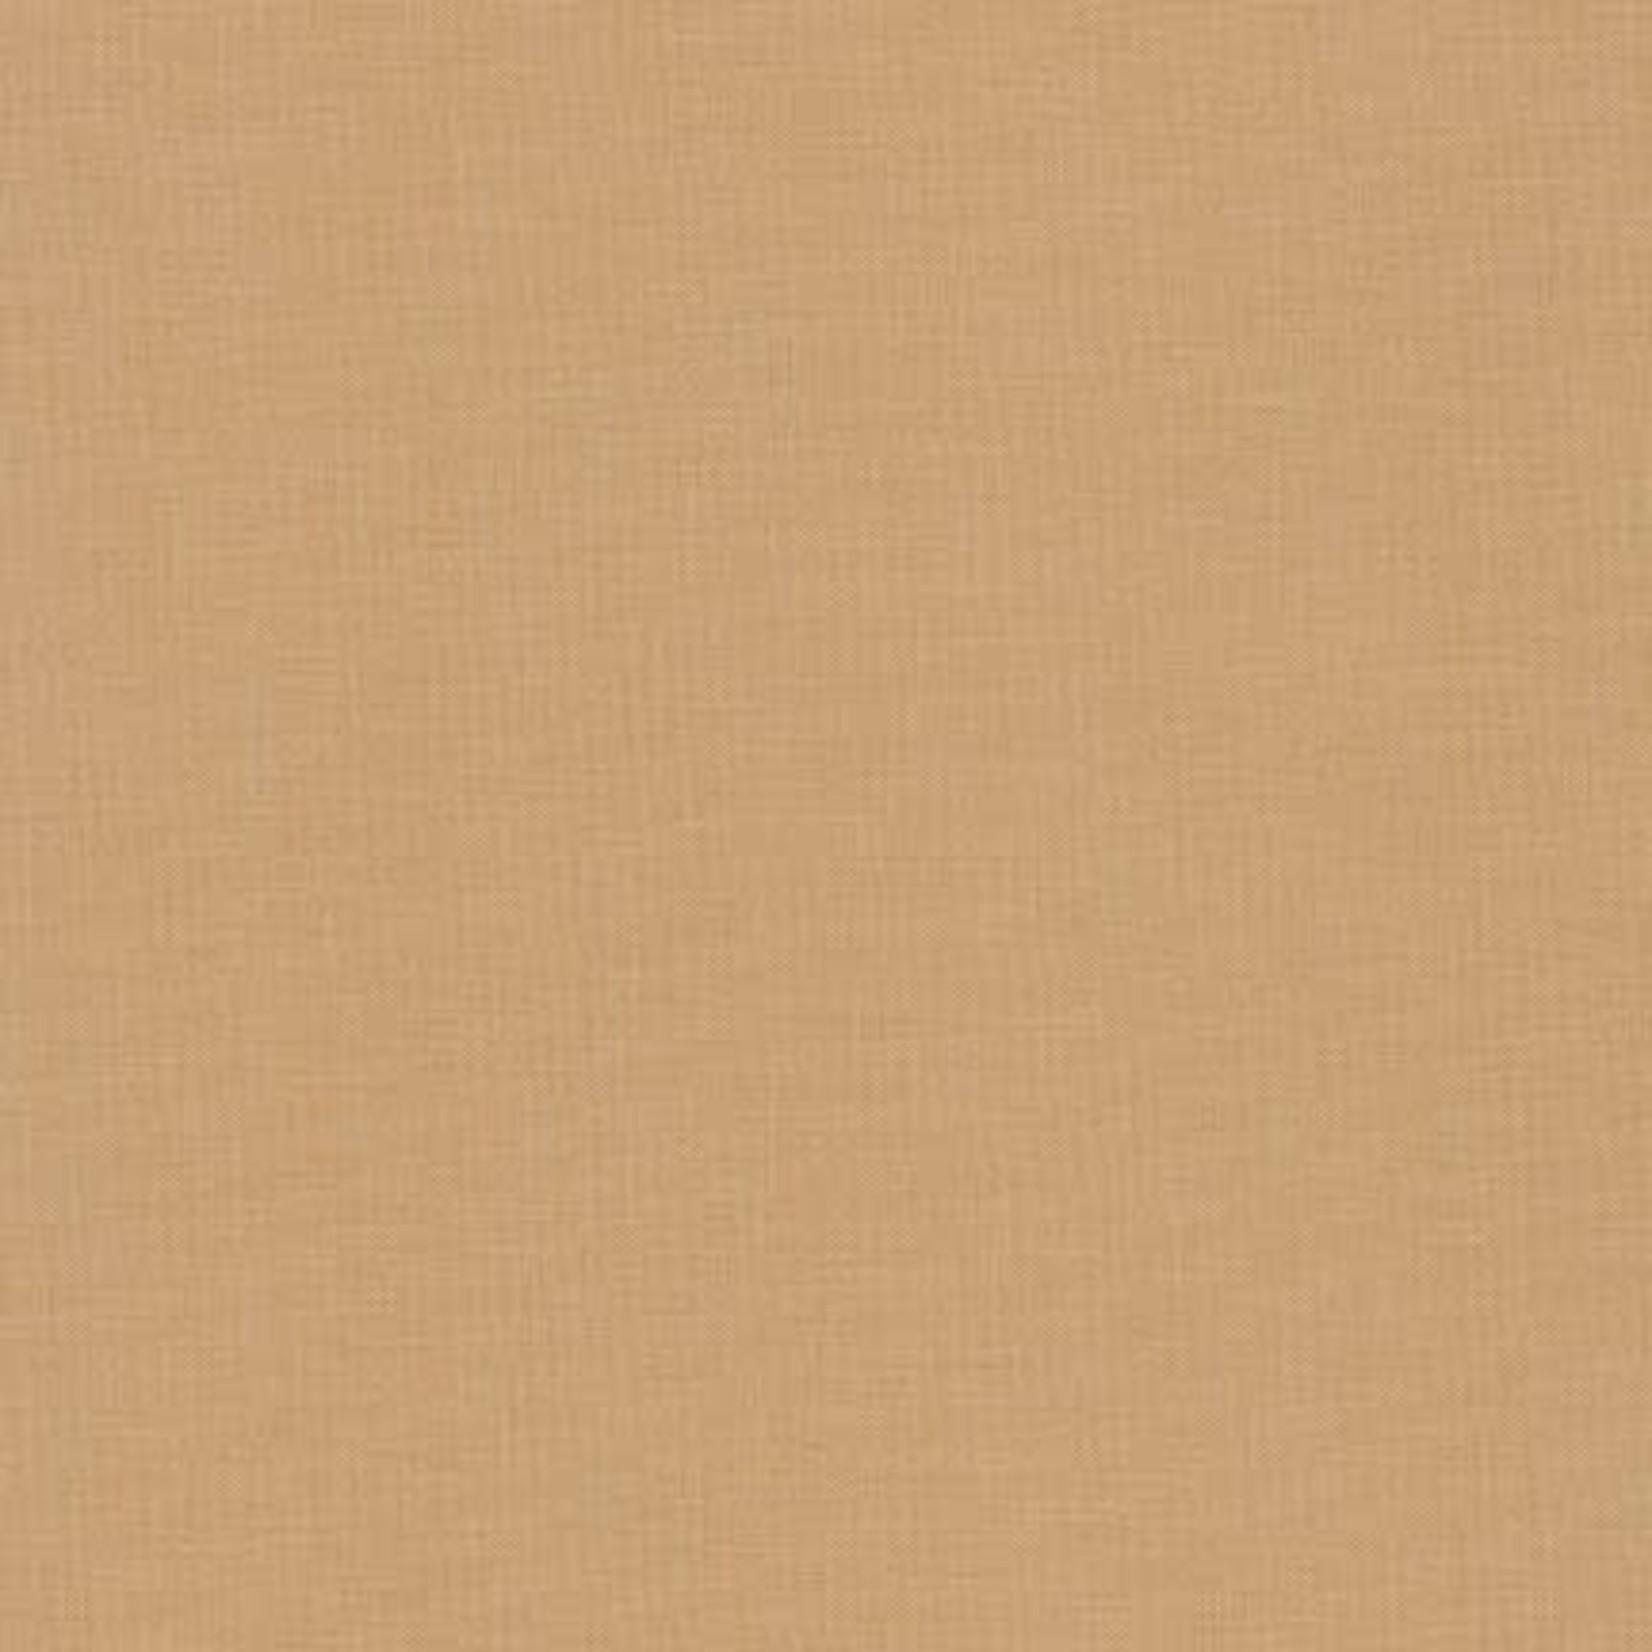 Kona KONA  K001-1386 WHEAT, PER CM OR $14/M